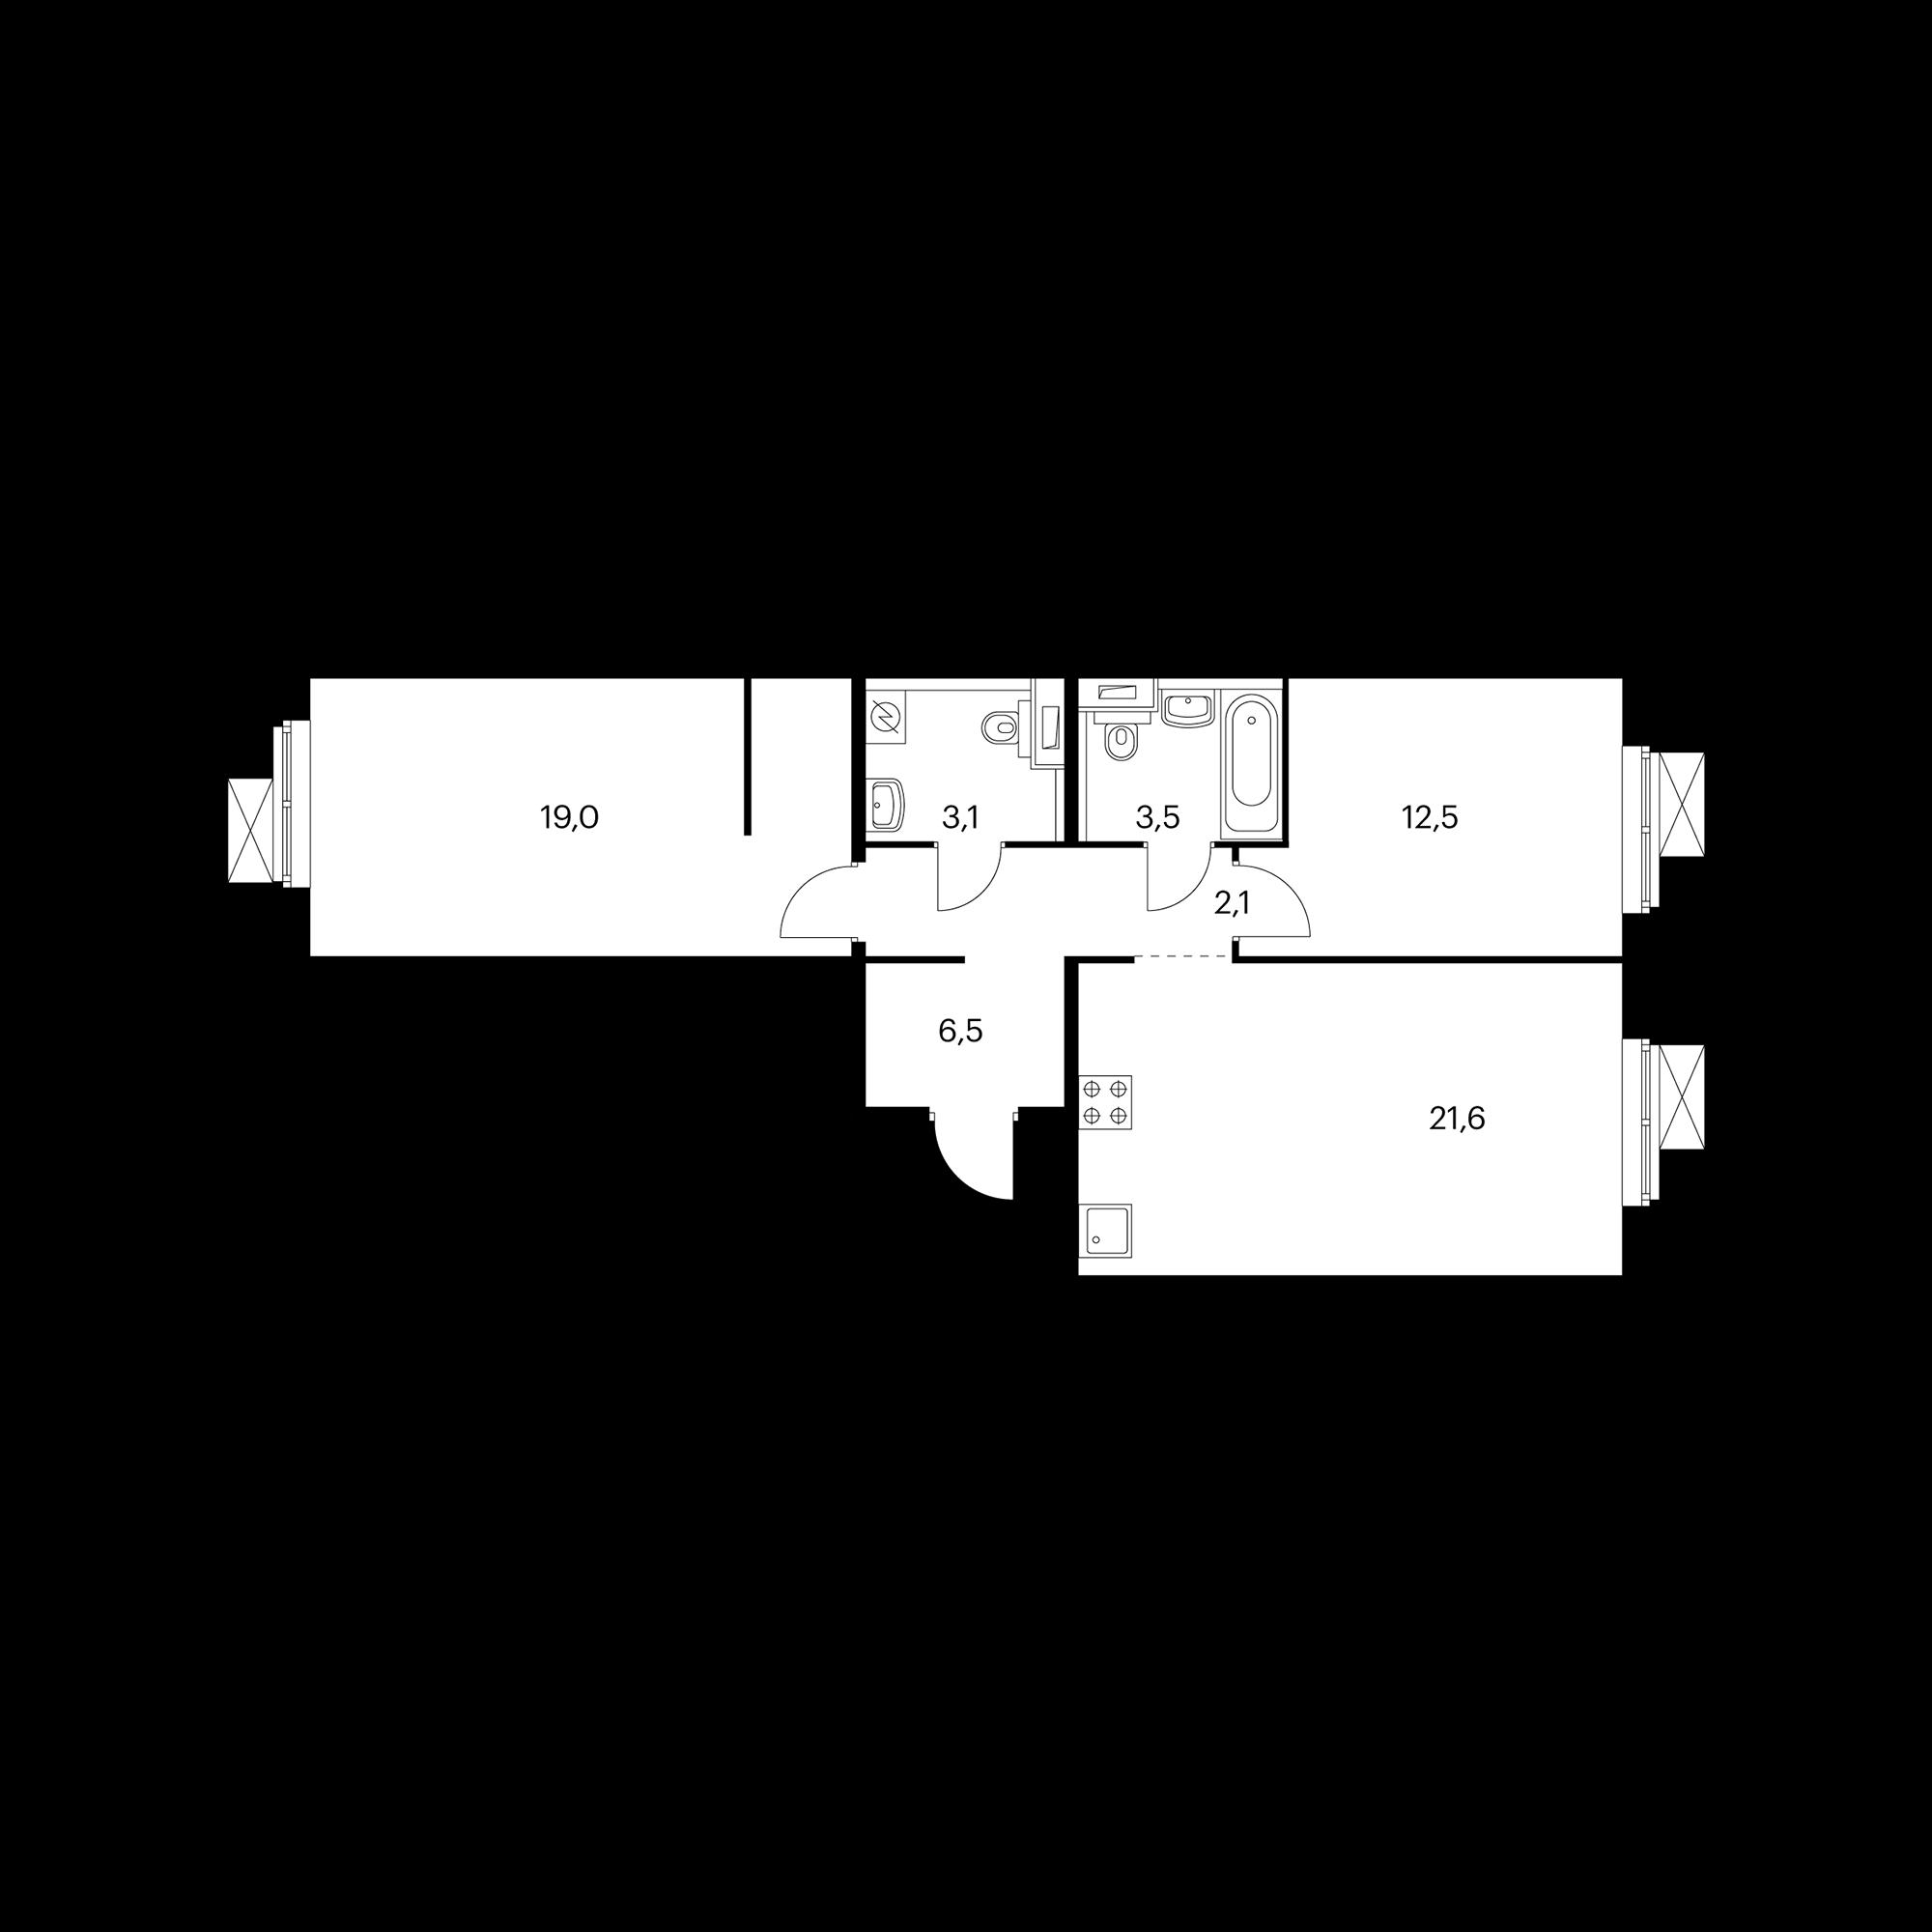 2EL3_6.9-1_S_A4